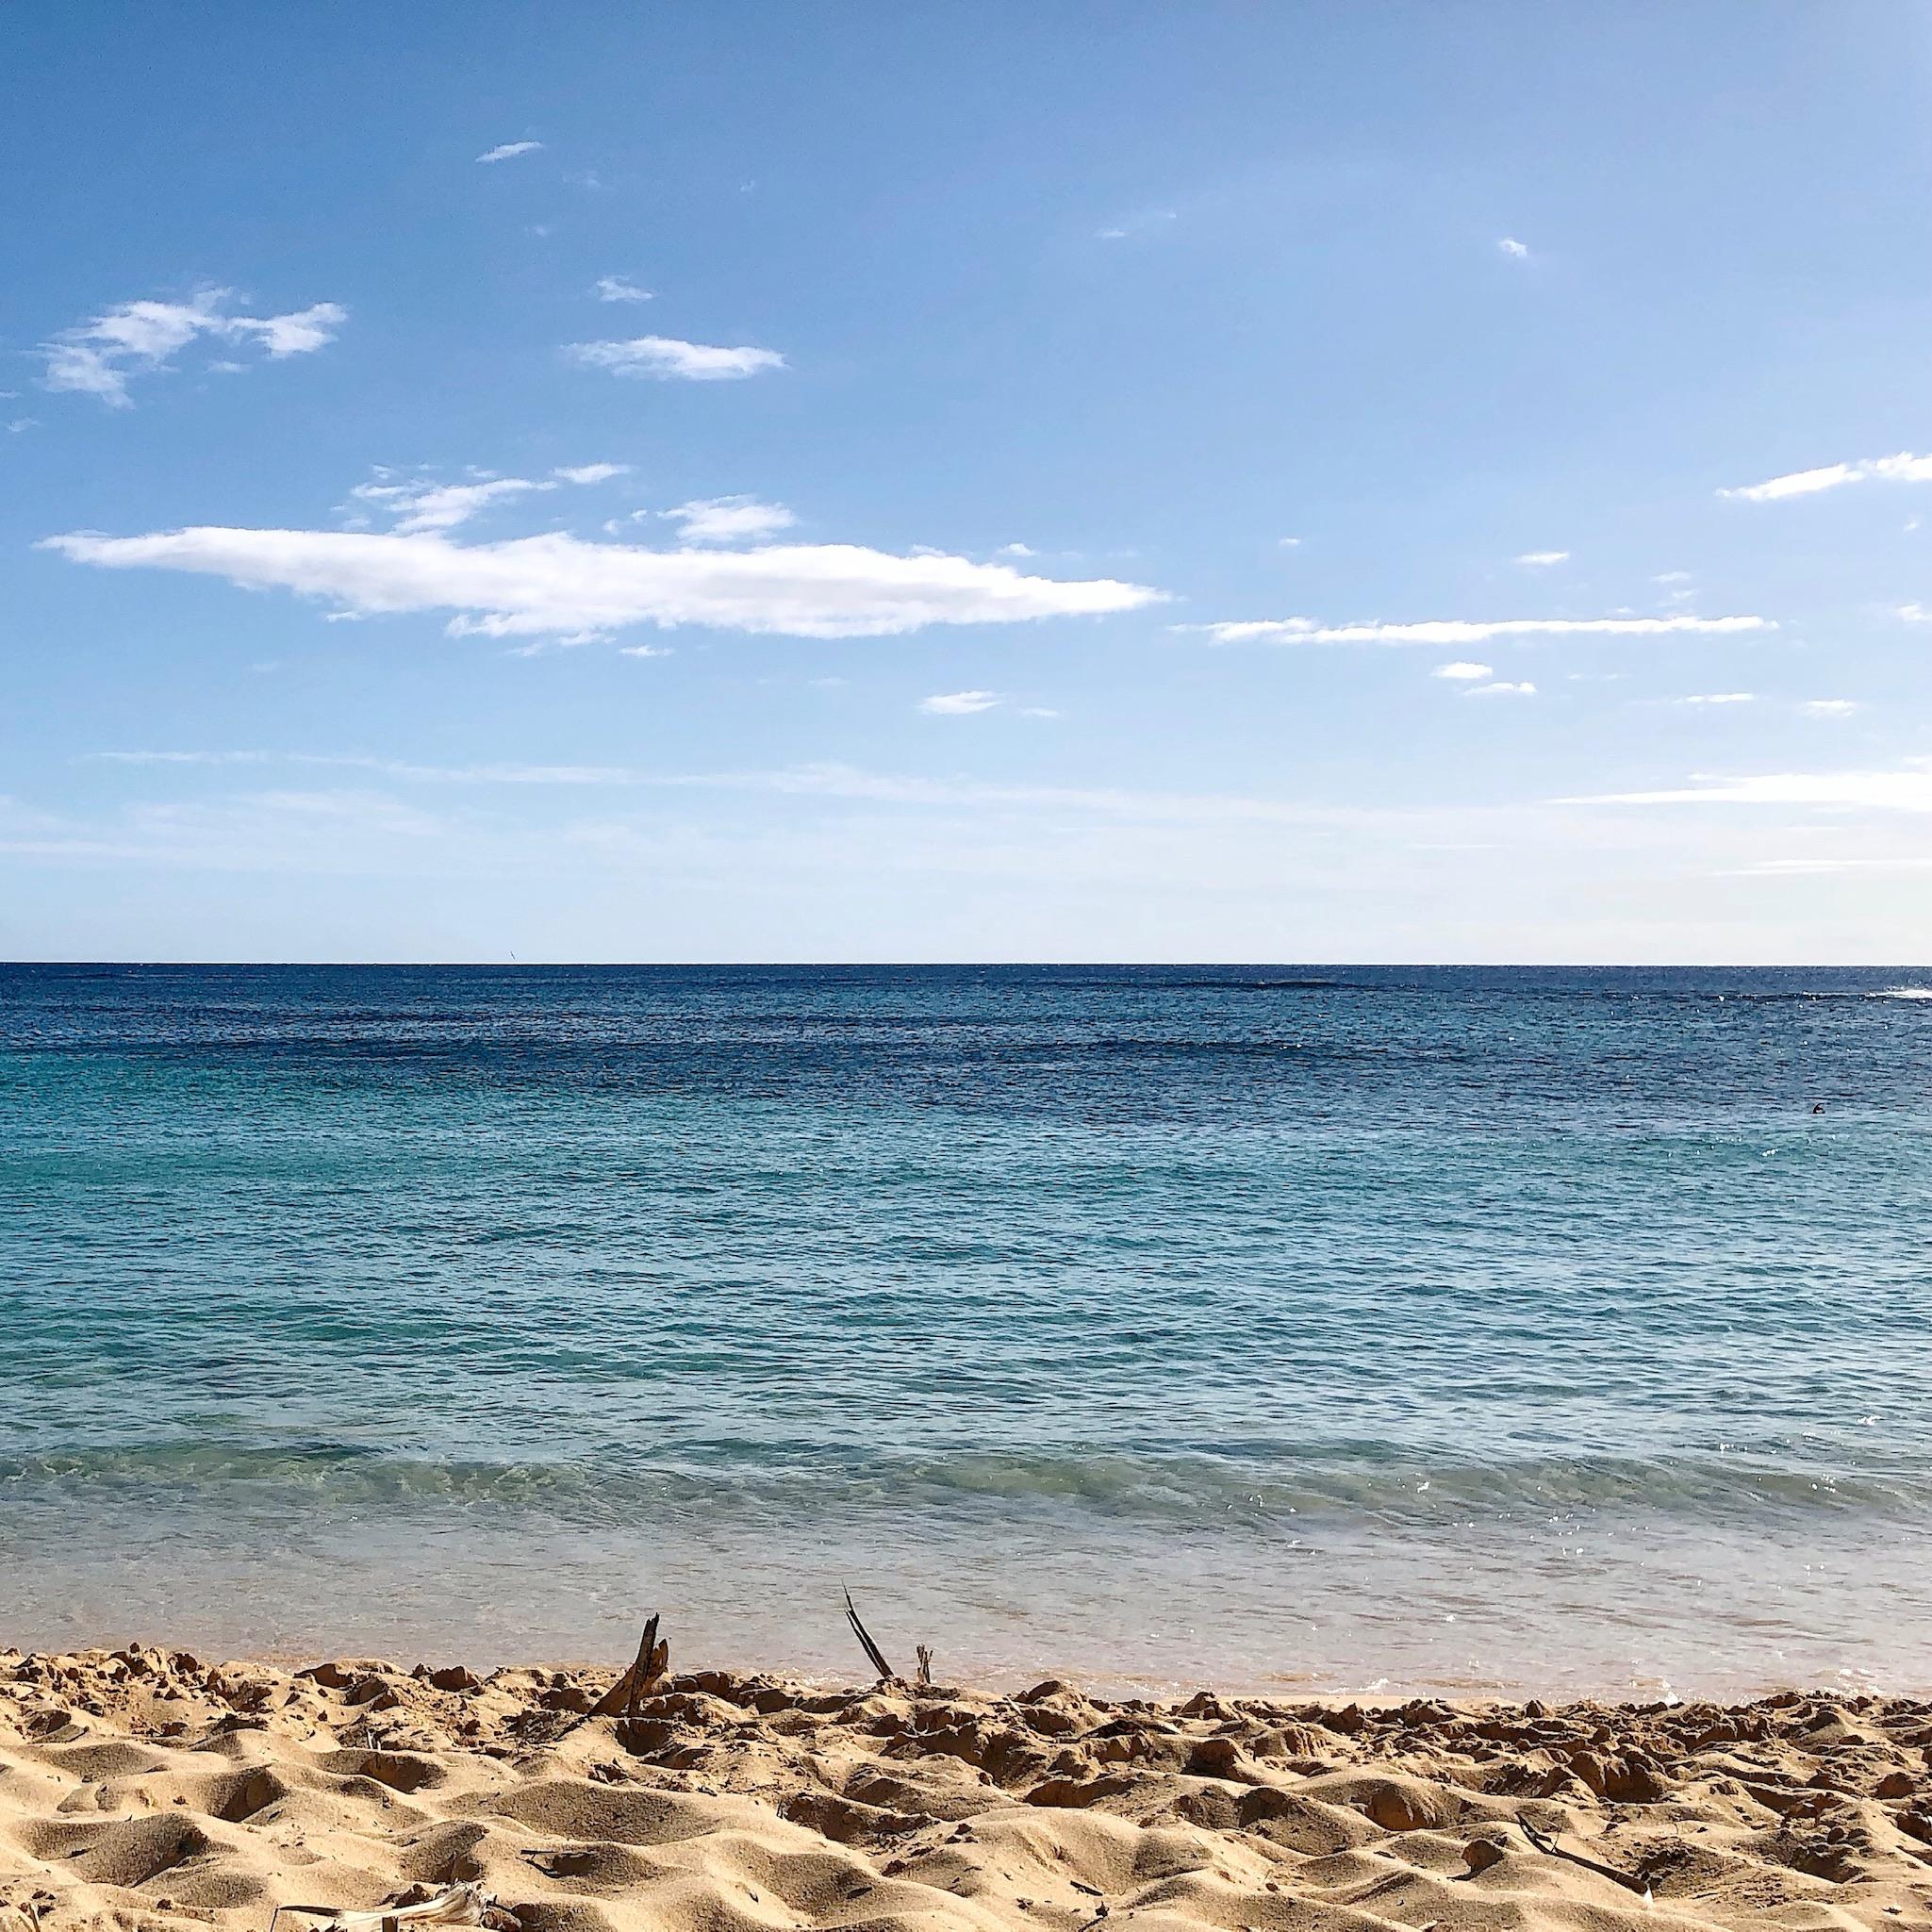 Kauai - coming soon